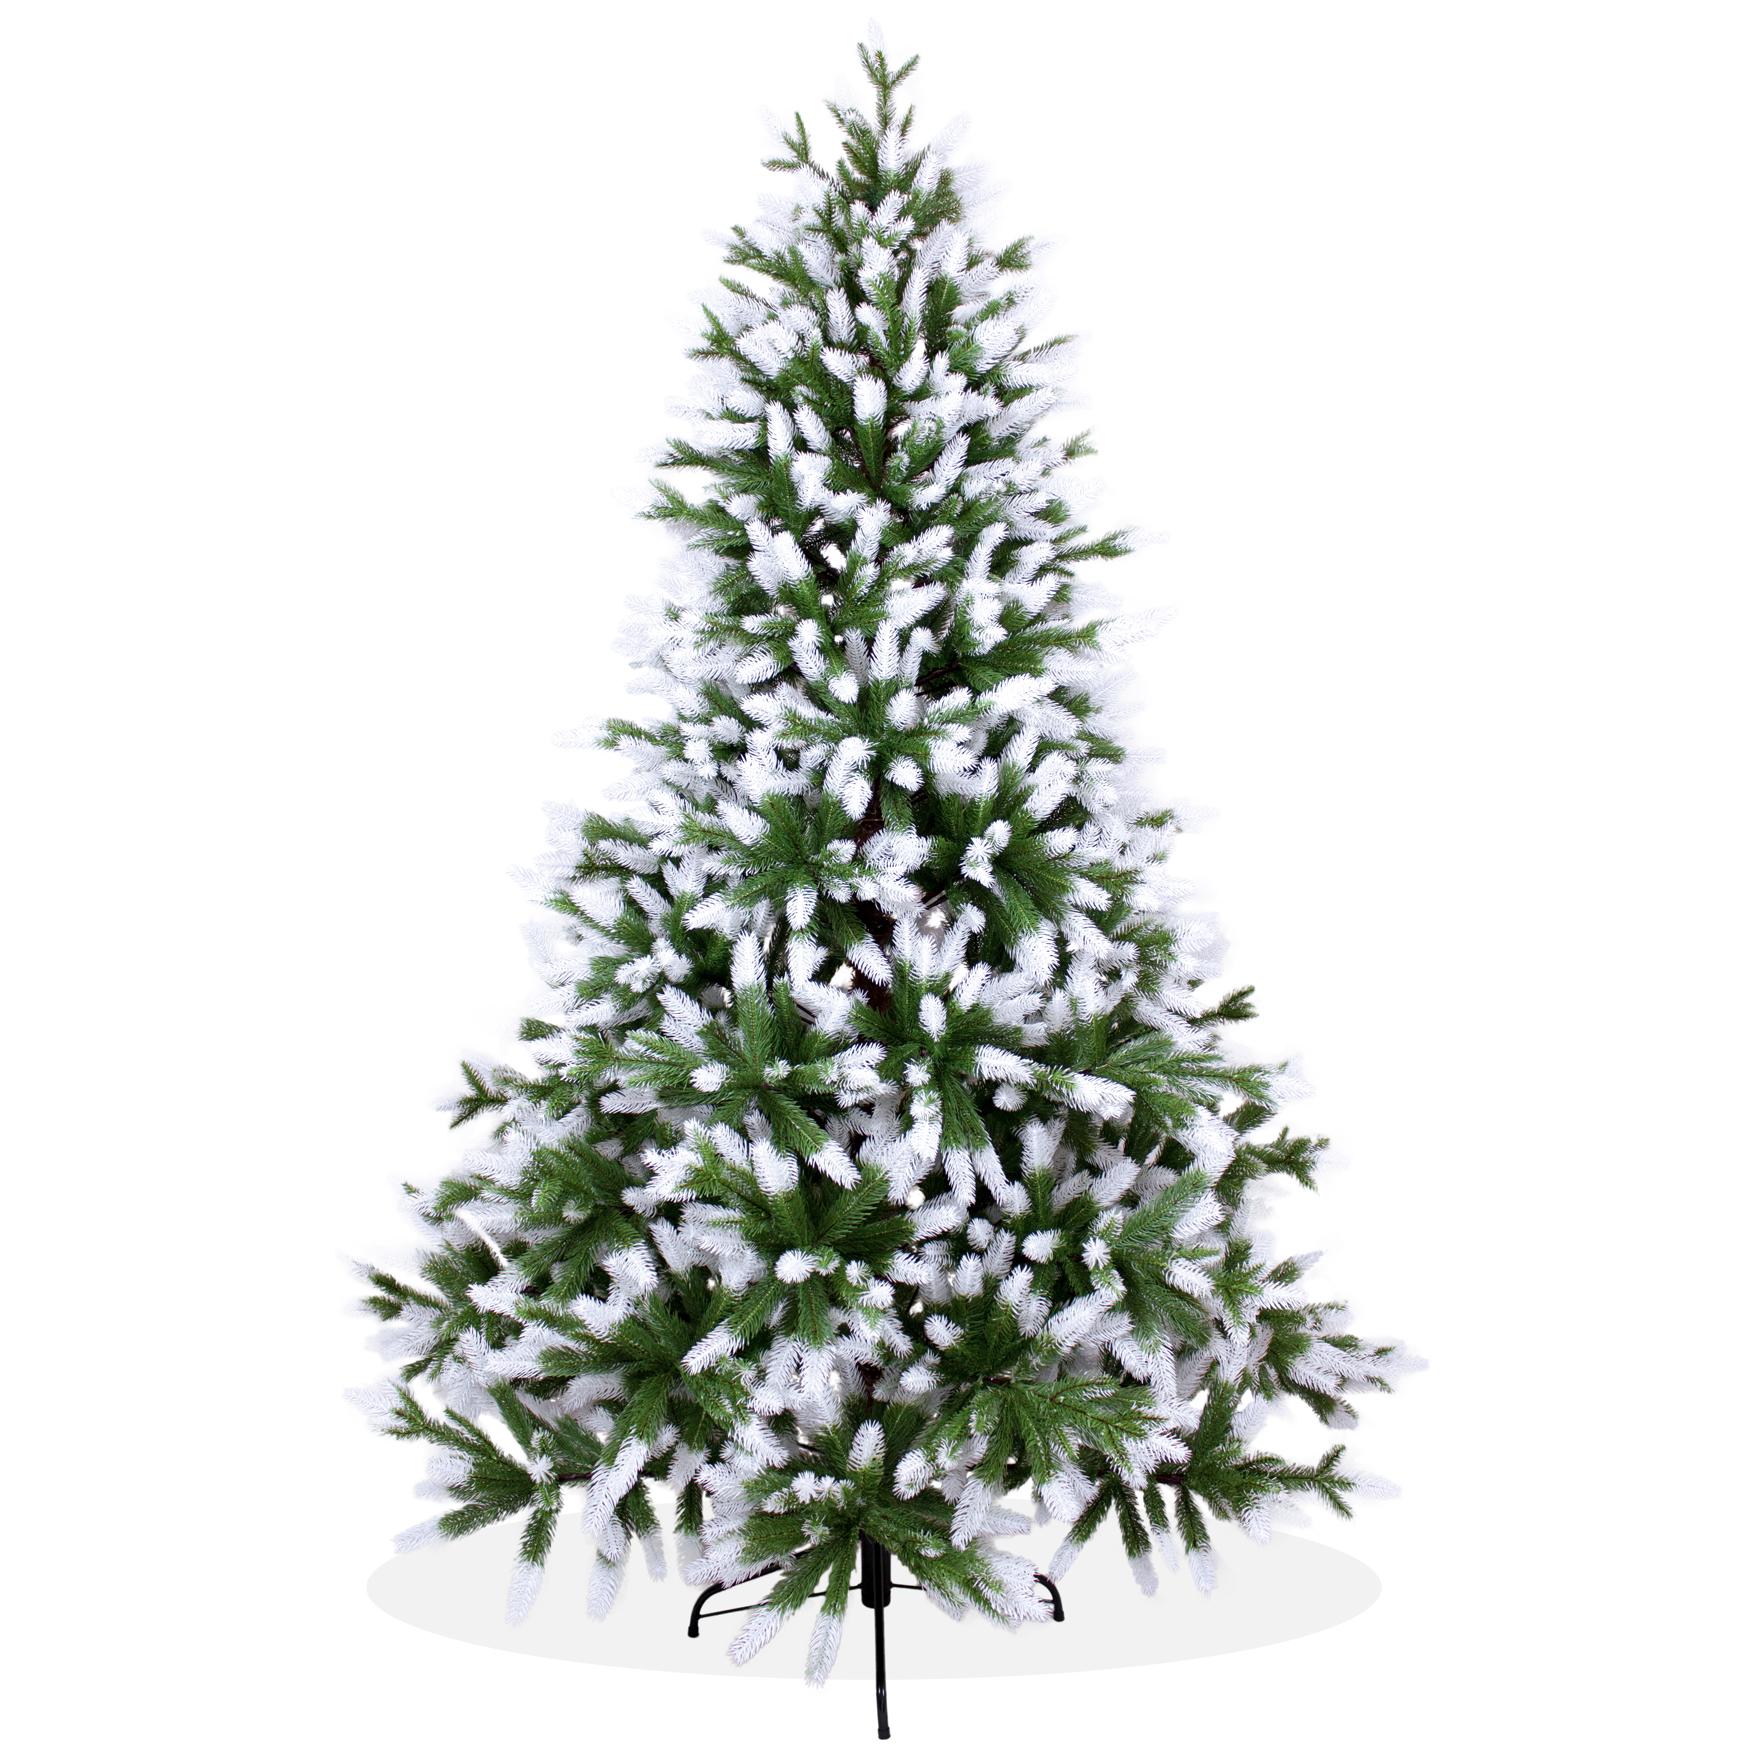 k nstlicher weihnachtsbaum 210cm pe spritzguss beschneiter premium tannenbaum nordmanntanne. Black Bedroom Furniture Sets. Home Design Ideas